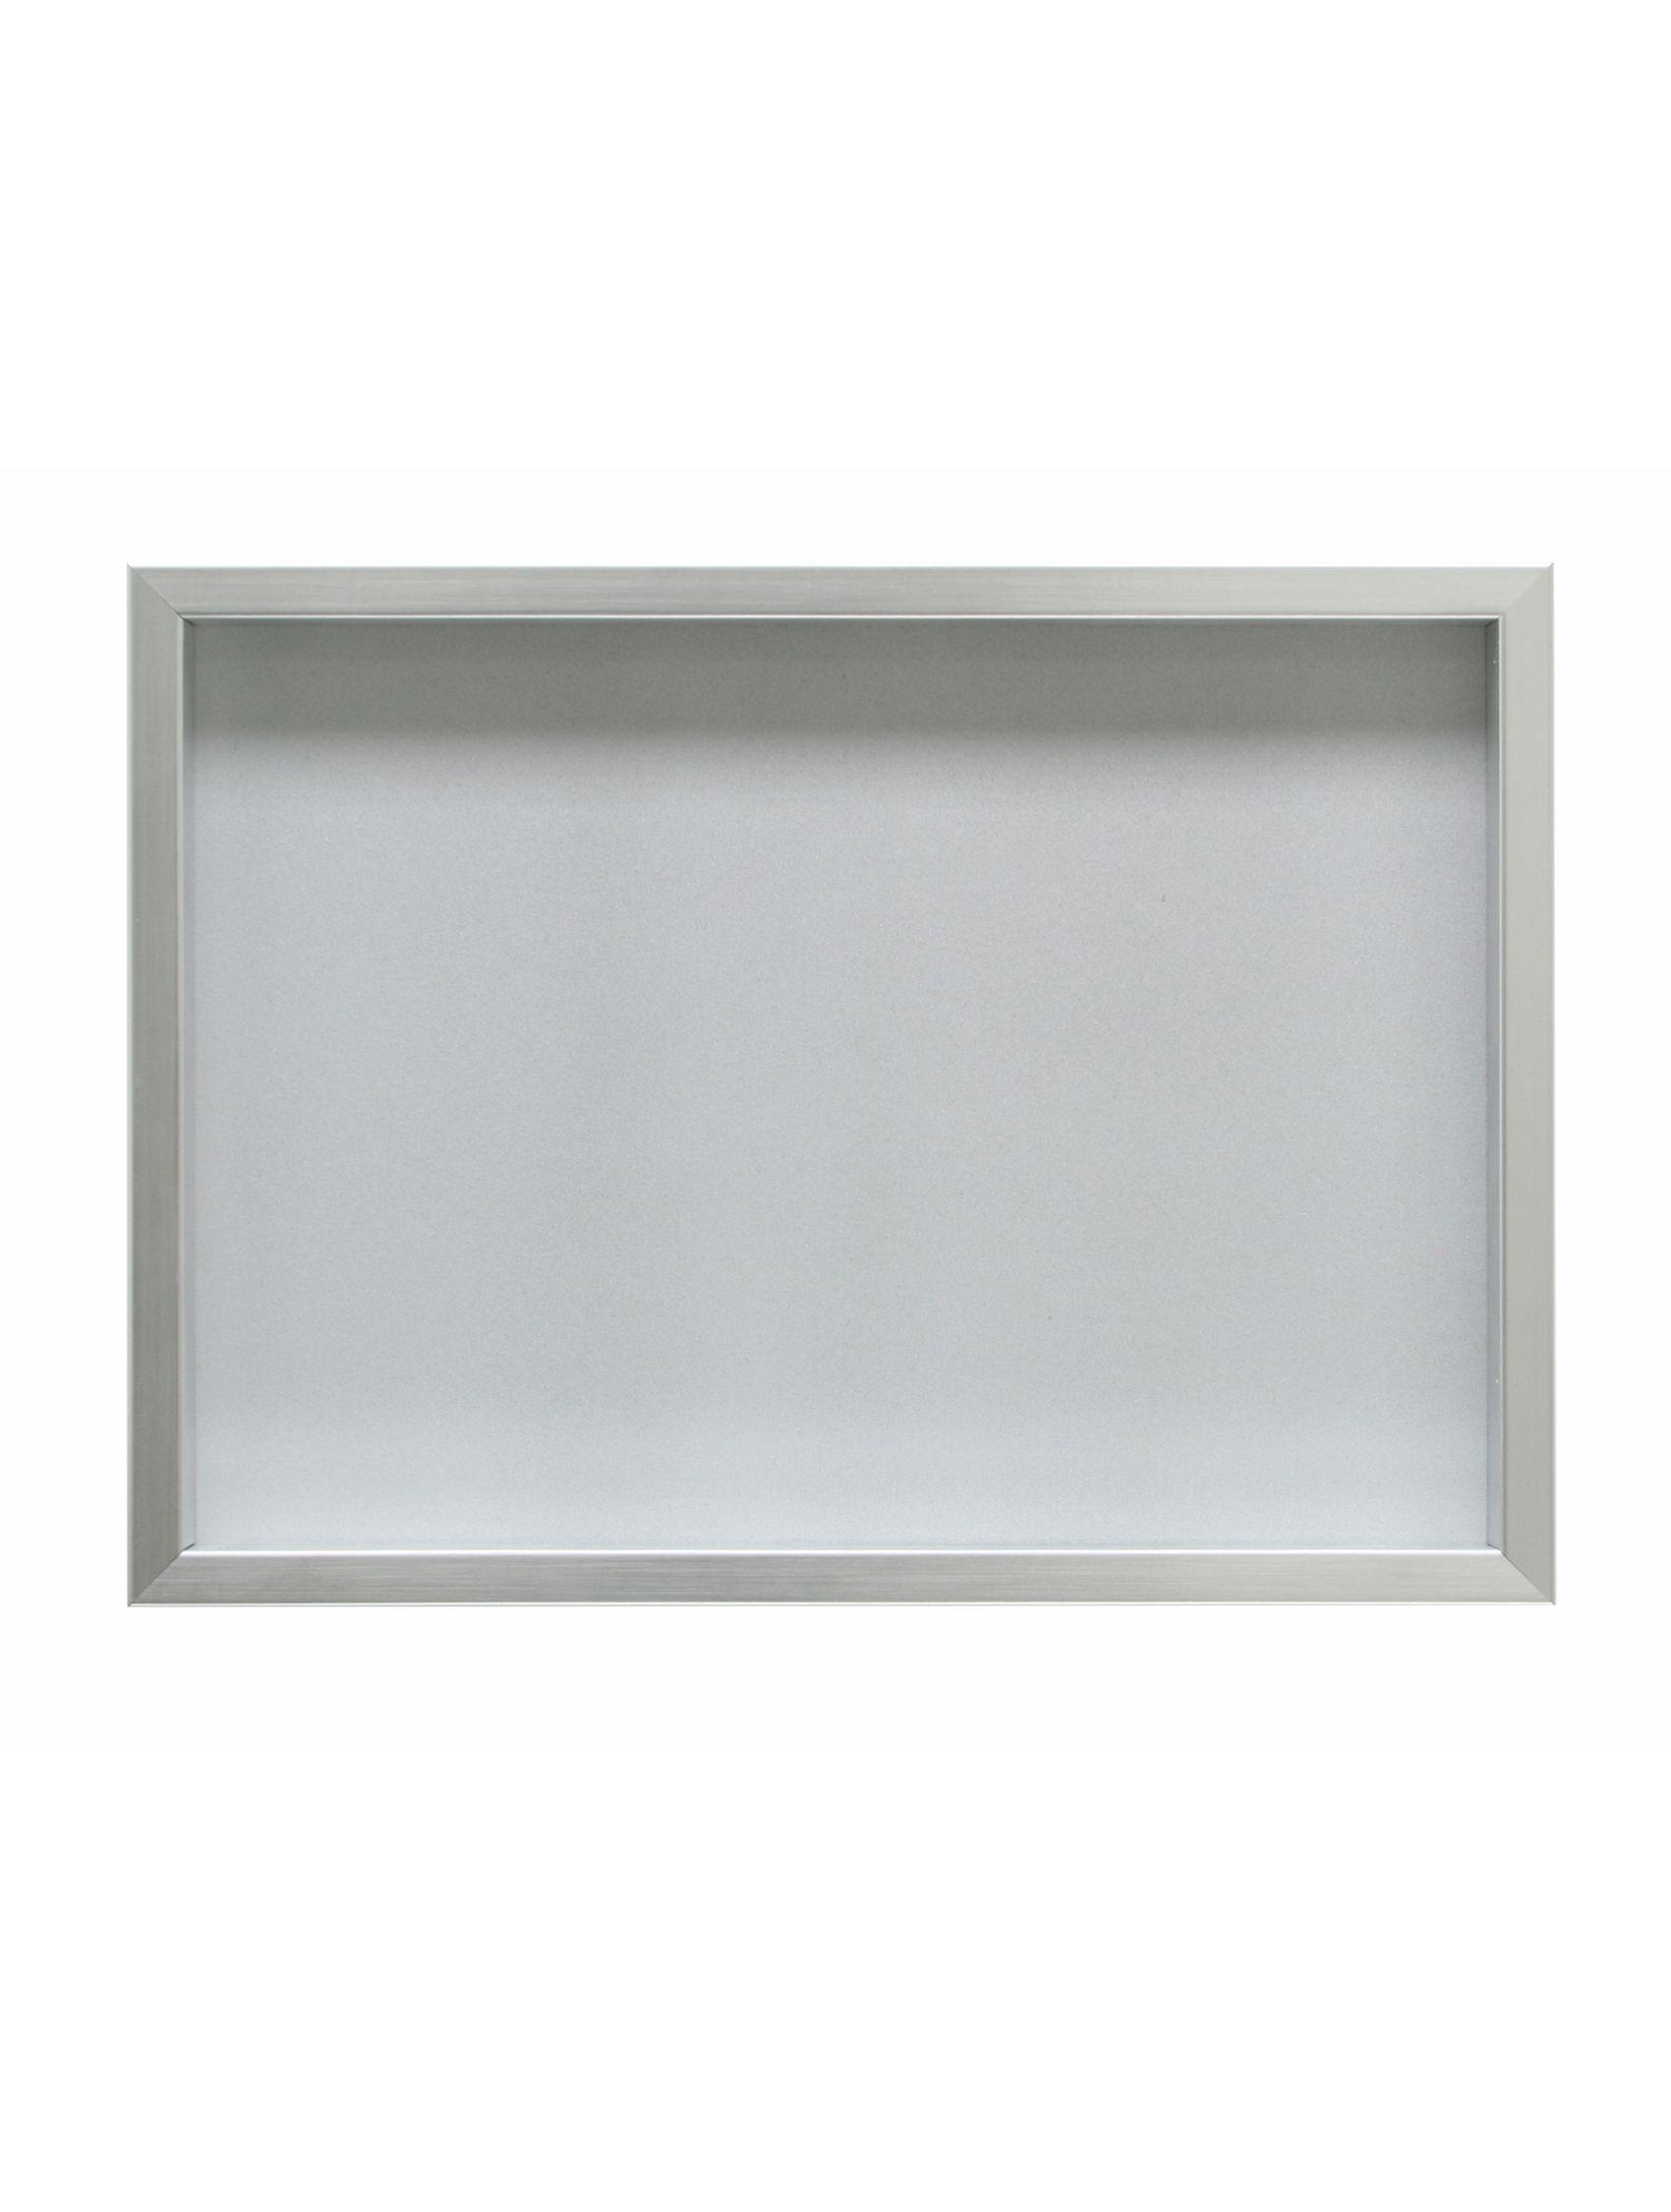 kader voor canvas, zilver S40TD3